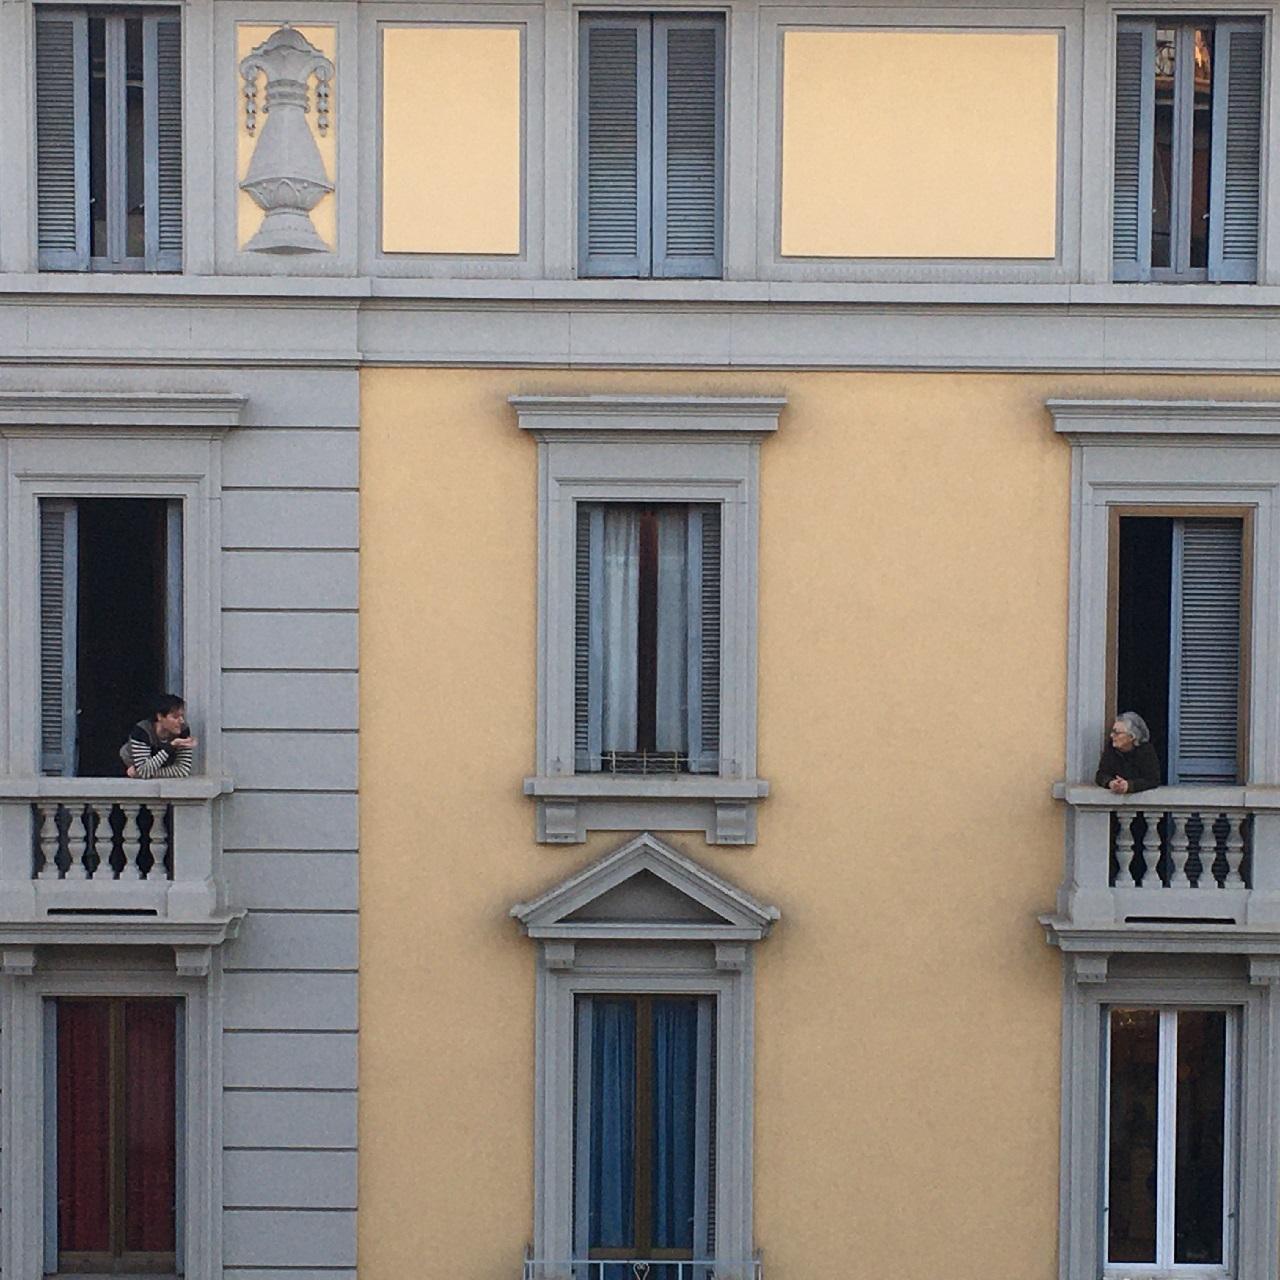 BienNoLo | Paesaggi inimmaginabili. Cartoline dall'Italia